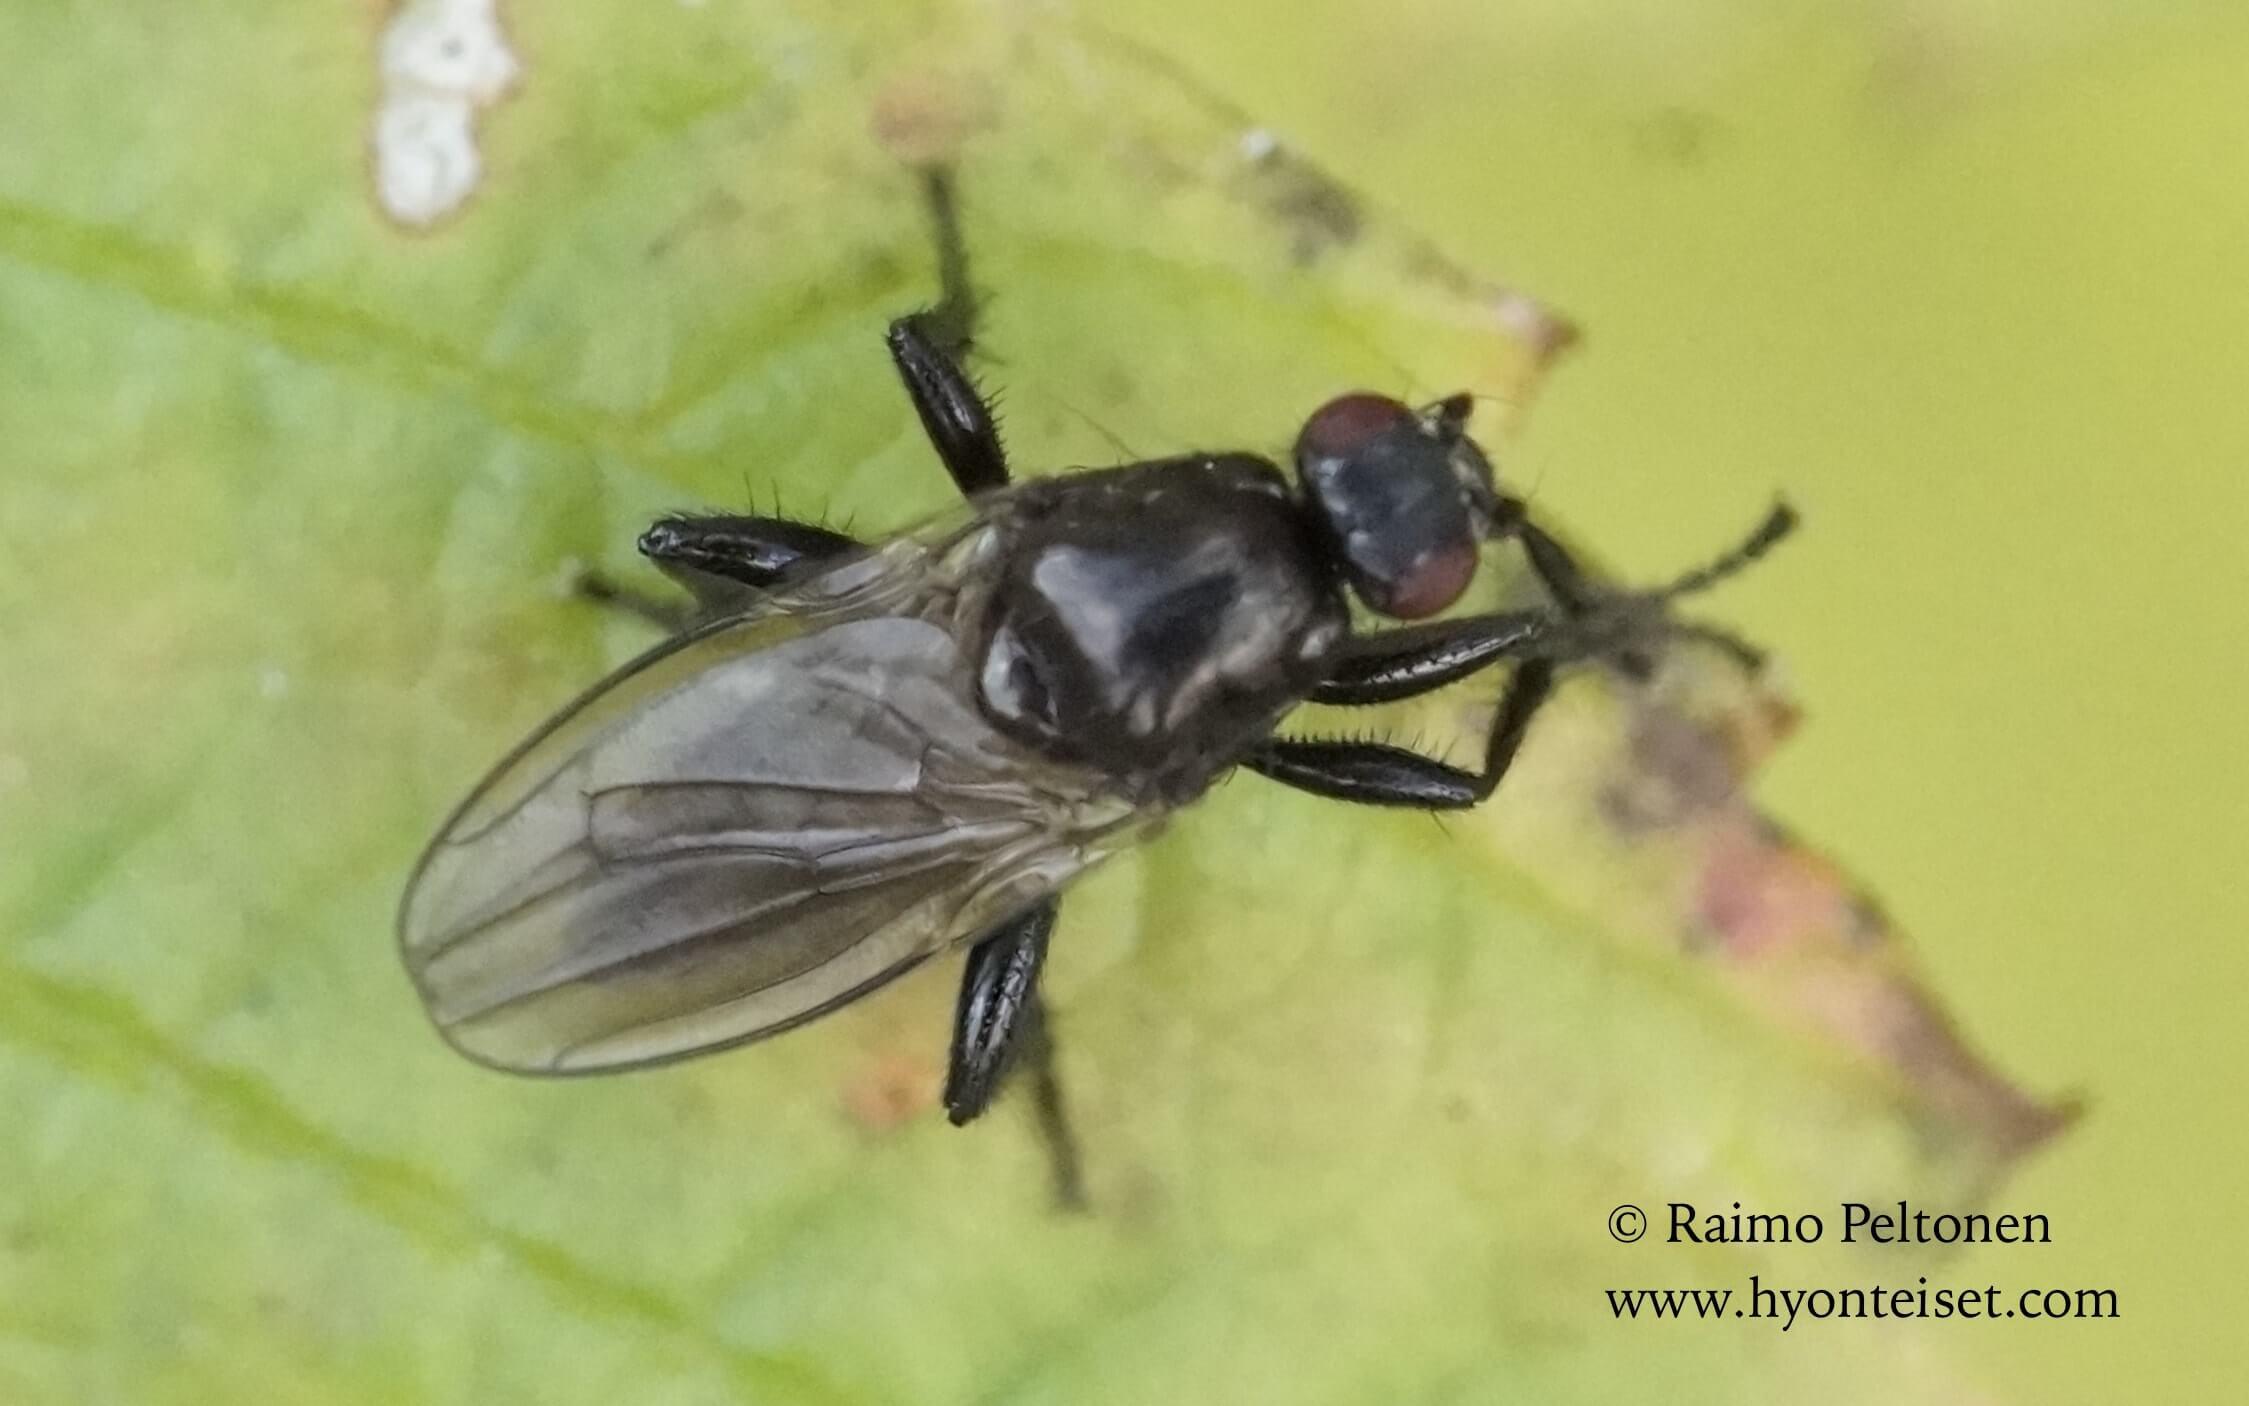 cf. Crumomyia sp. (det. Paul Beuk), 27.9.2016 Jyväskylä